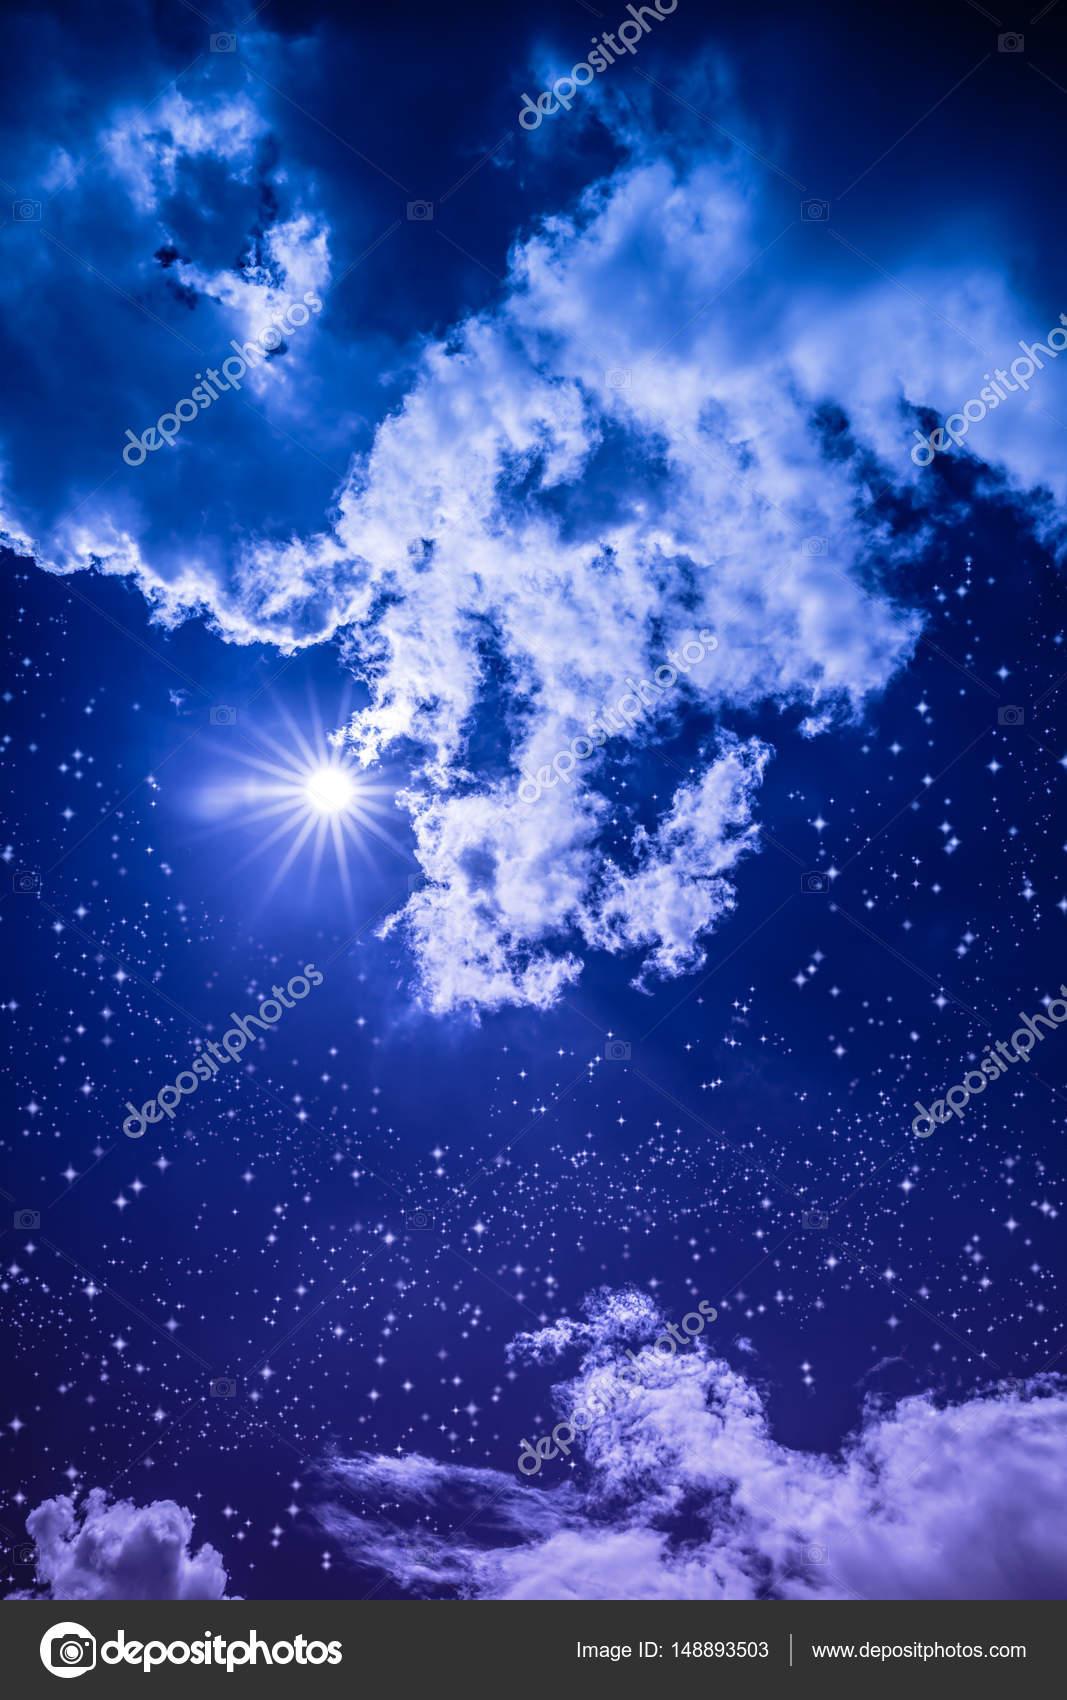 Imágenes Bonitas De Noches Estrelladas Increíble Cielo De La